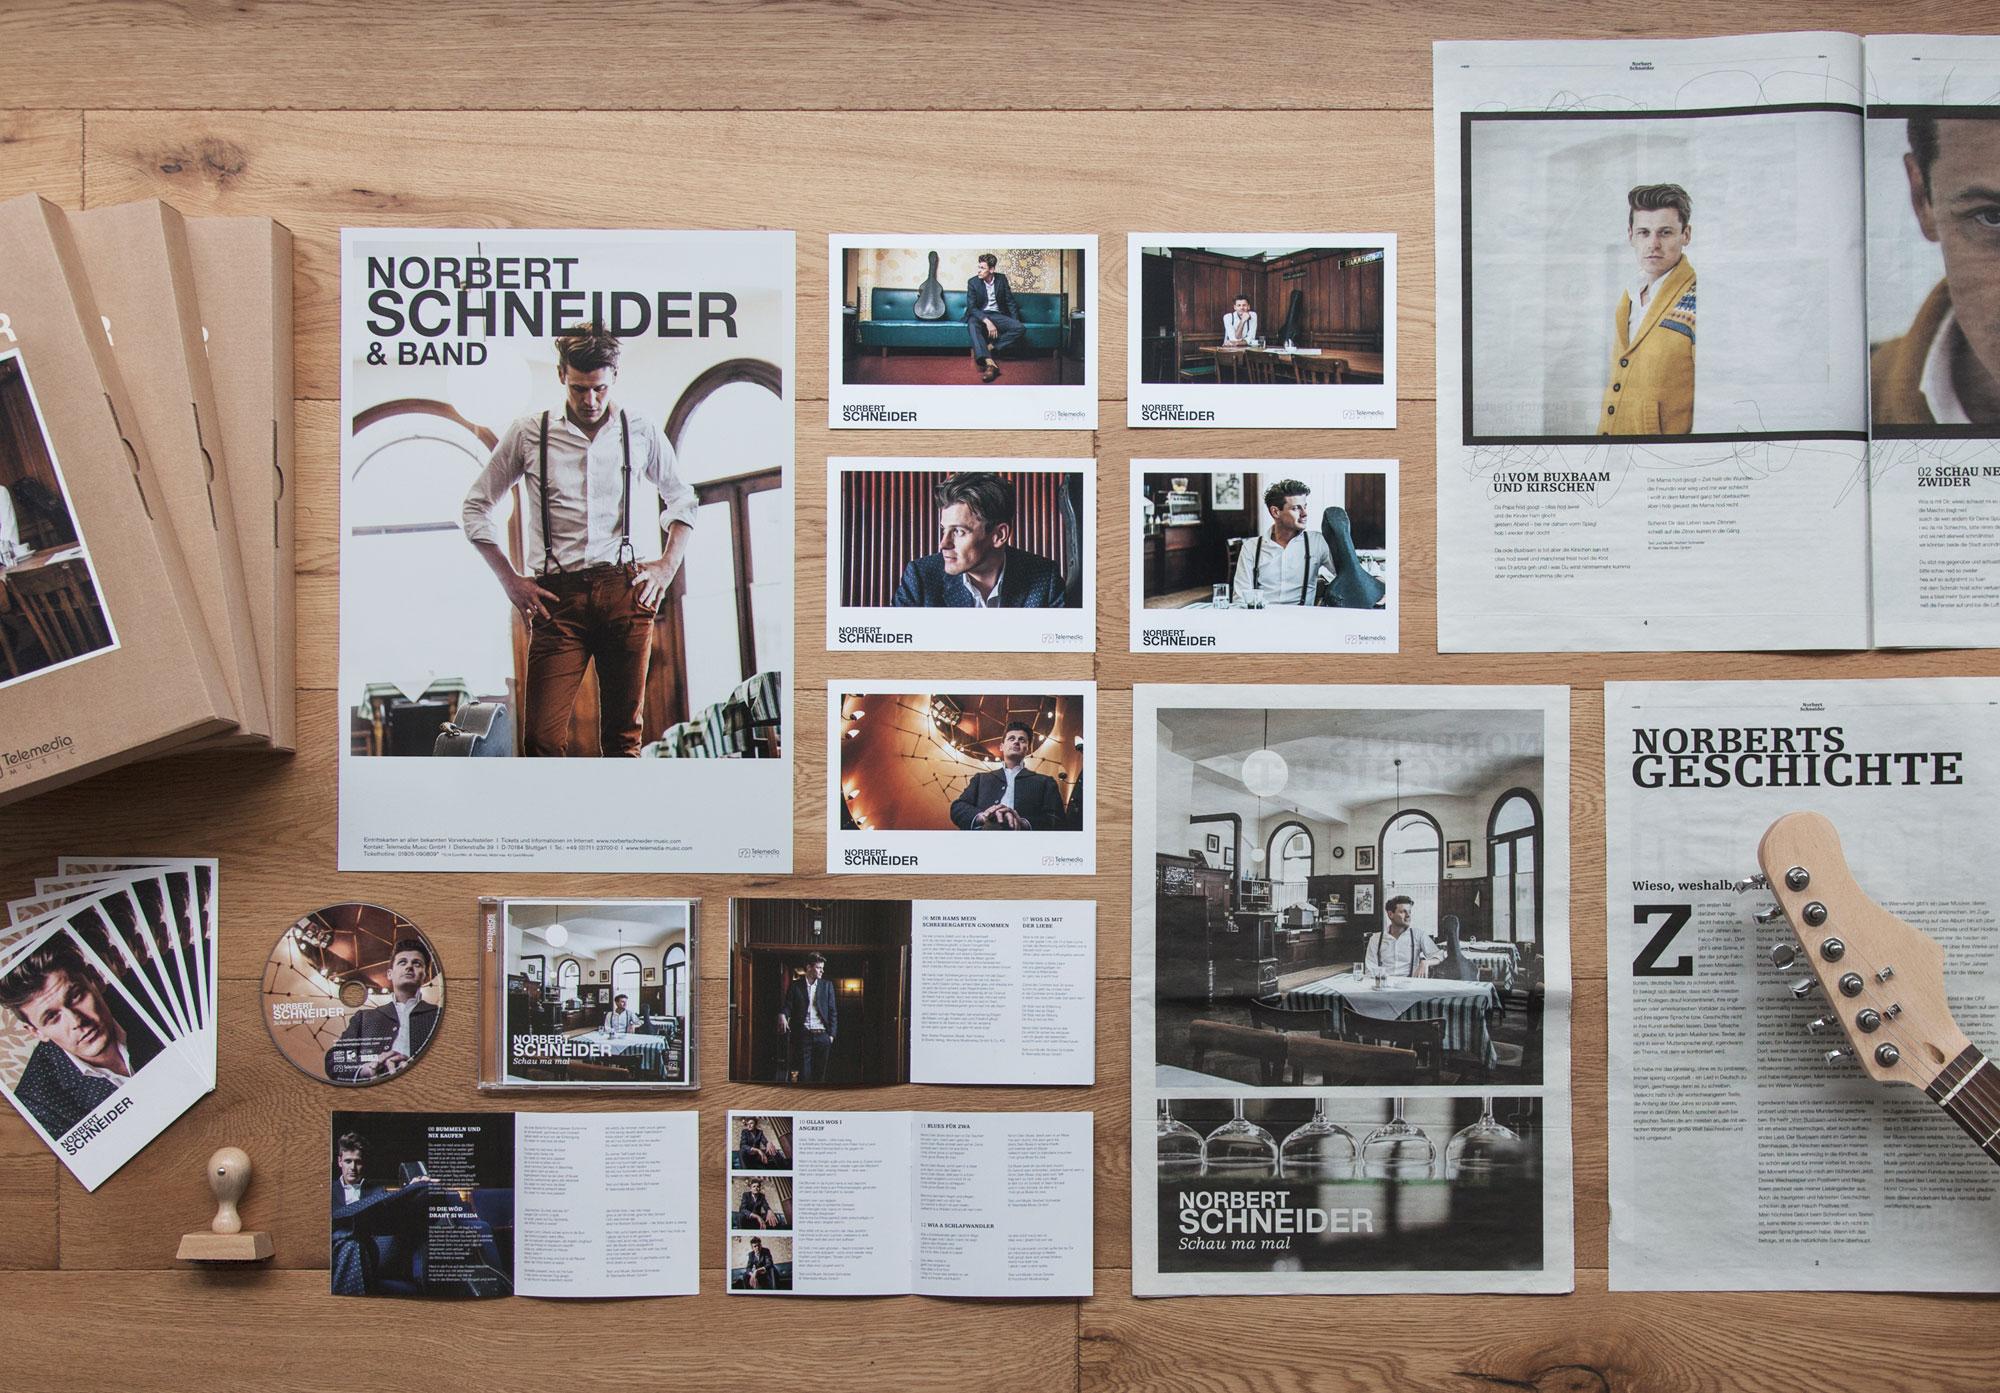 75a Büro für Gestaltung aus Stuttgart gestaltet das neue Coporate Design des Wiener Musikers Norbert Schneider